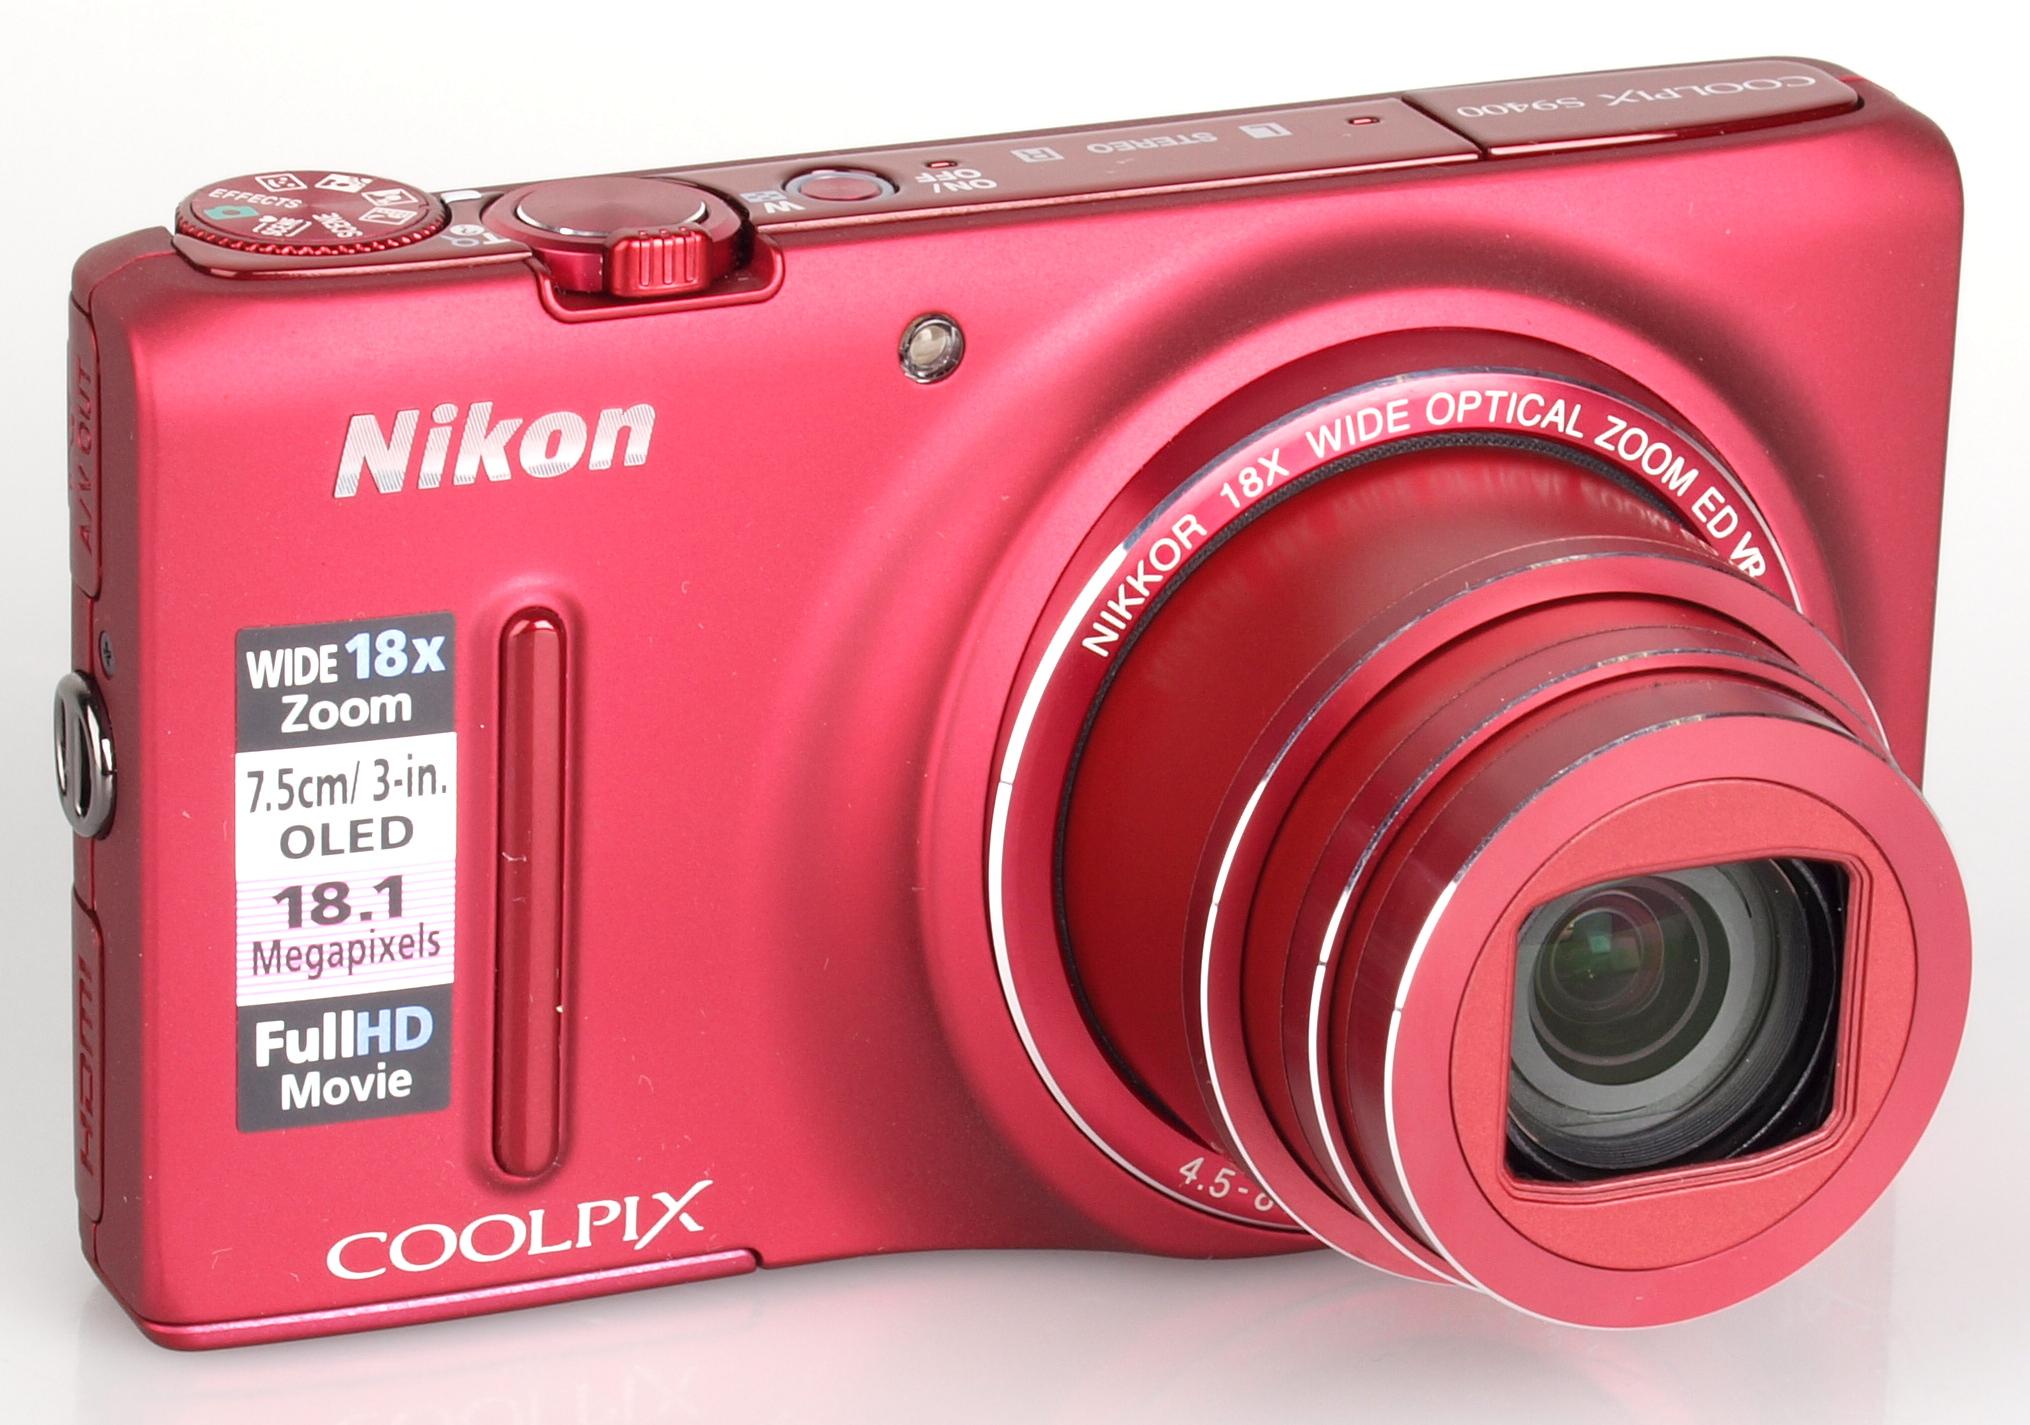 Nikon coolpix 3 - Find a restaurant around me